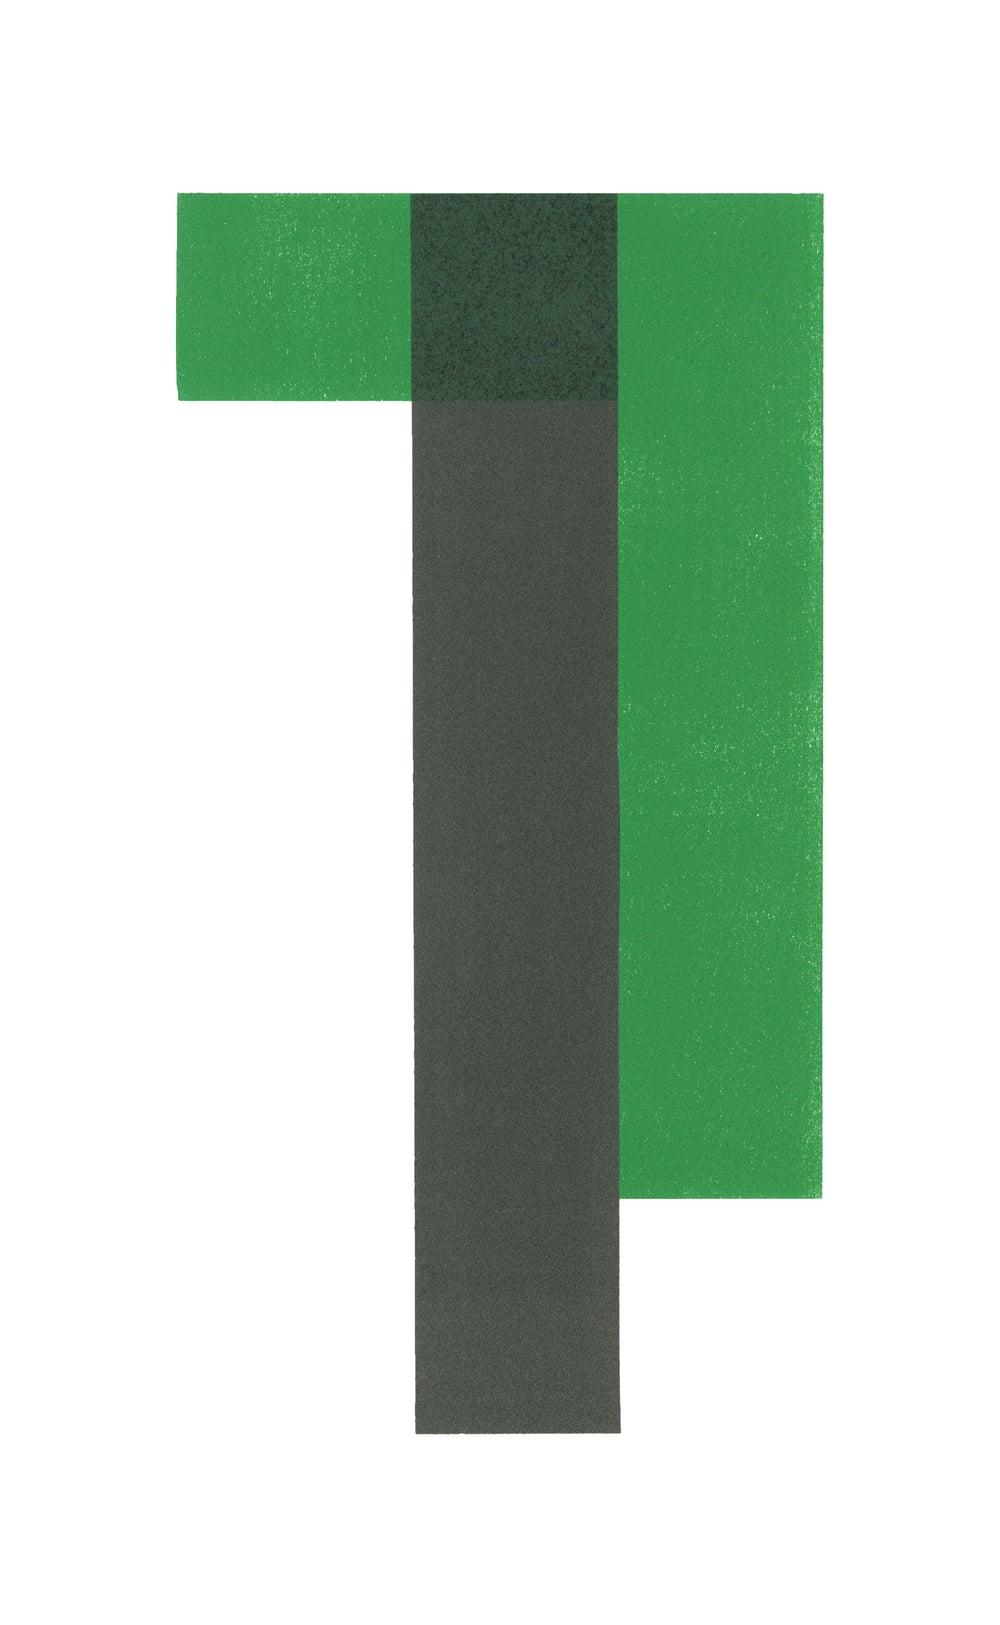 """Vert, 2015, lithograph, 15.75"""" x 9.75"""""""